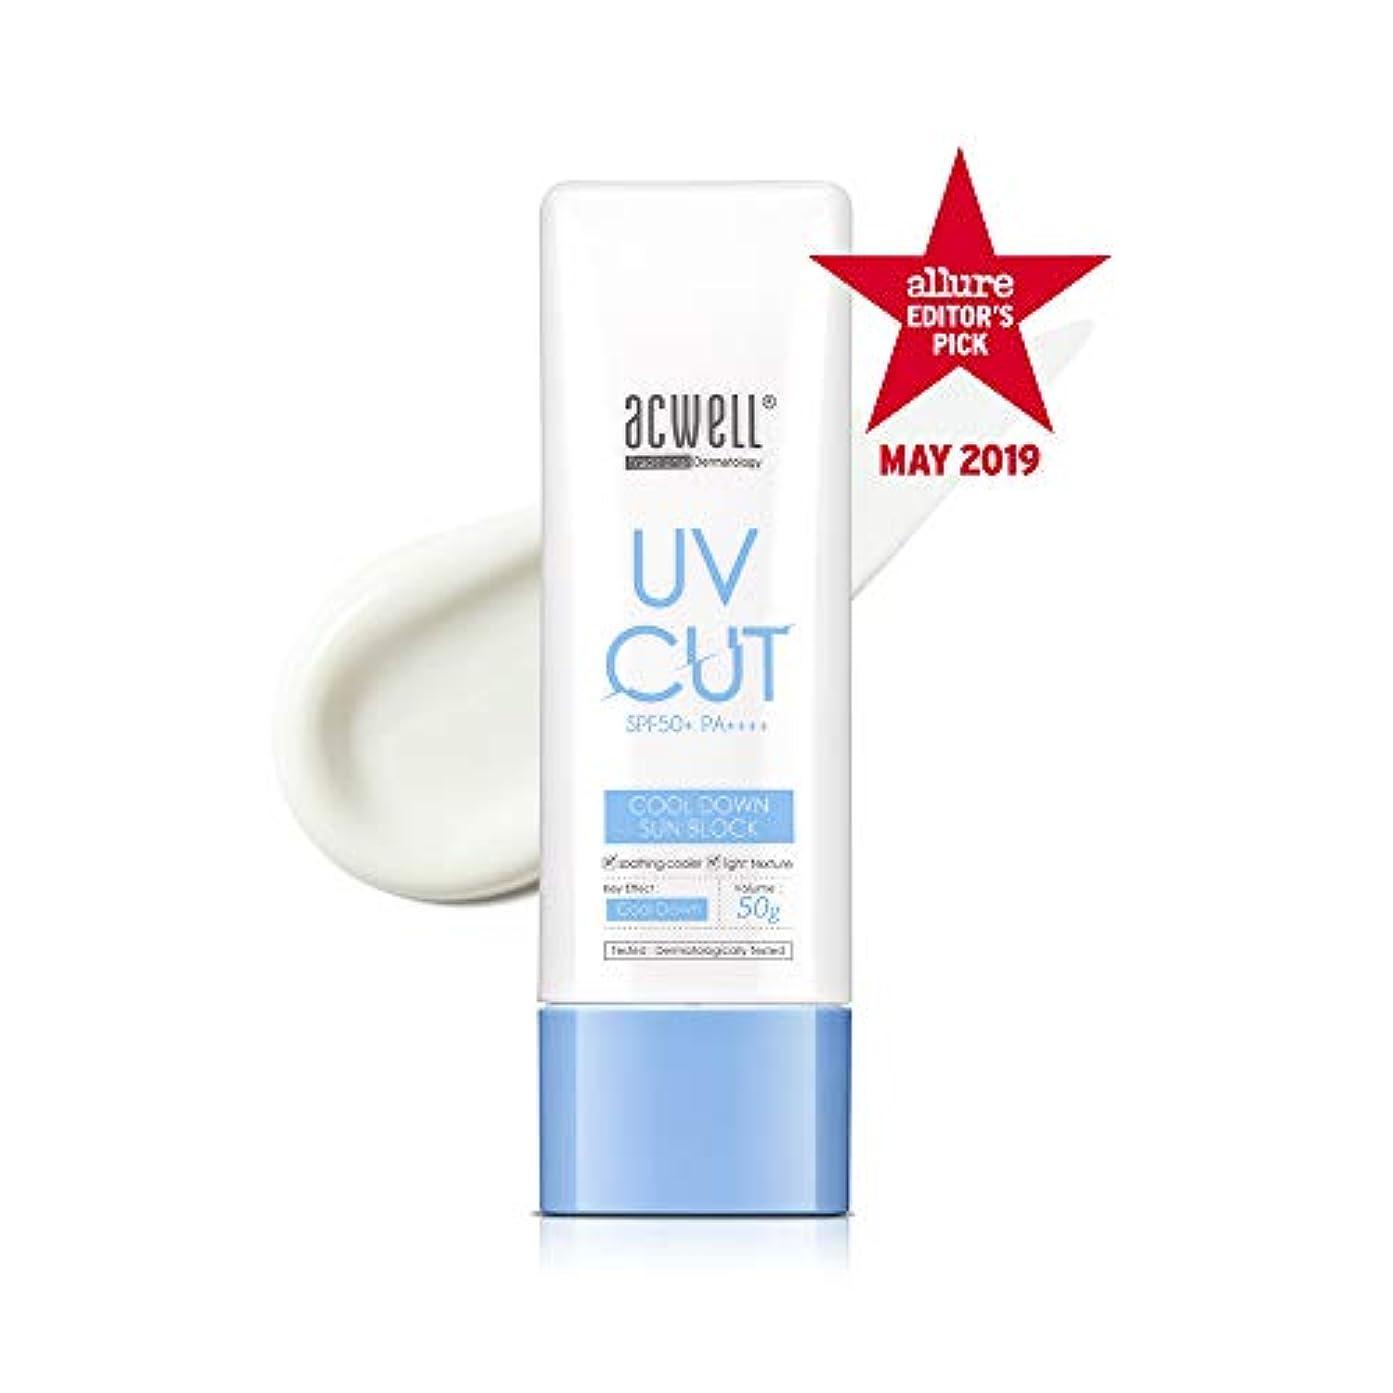 突然正当な四面体アクウェル ACWELL UV Cut Cool Down Sun Block クールダウン サンブロック 50g, SPF50+ PA++++ [Made in Korea]